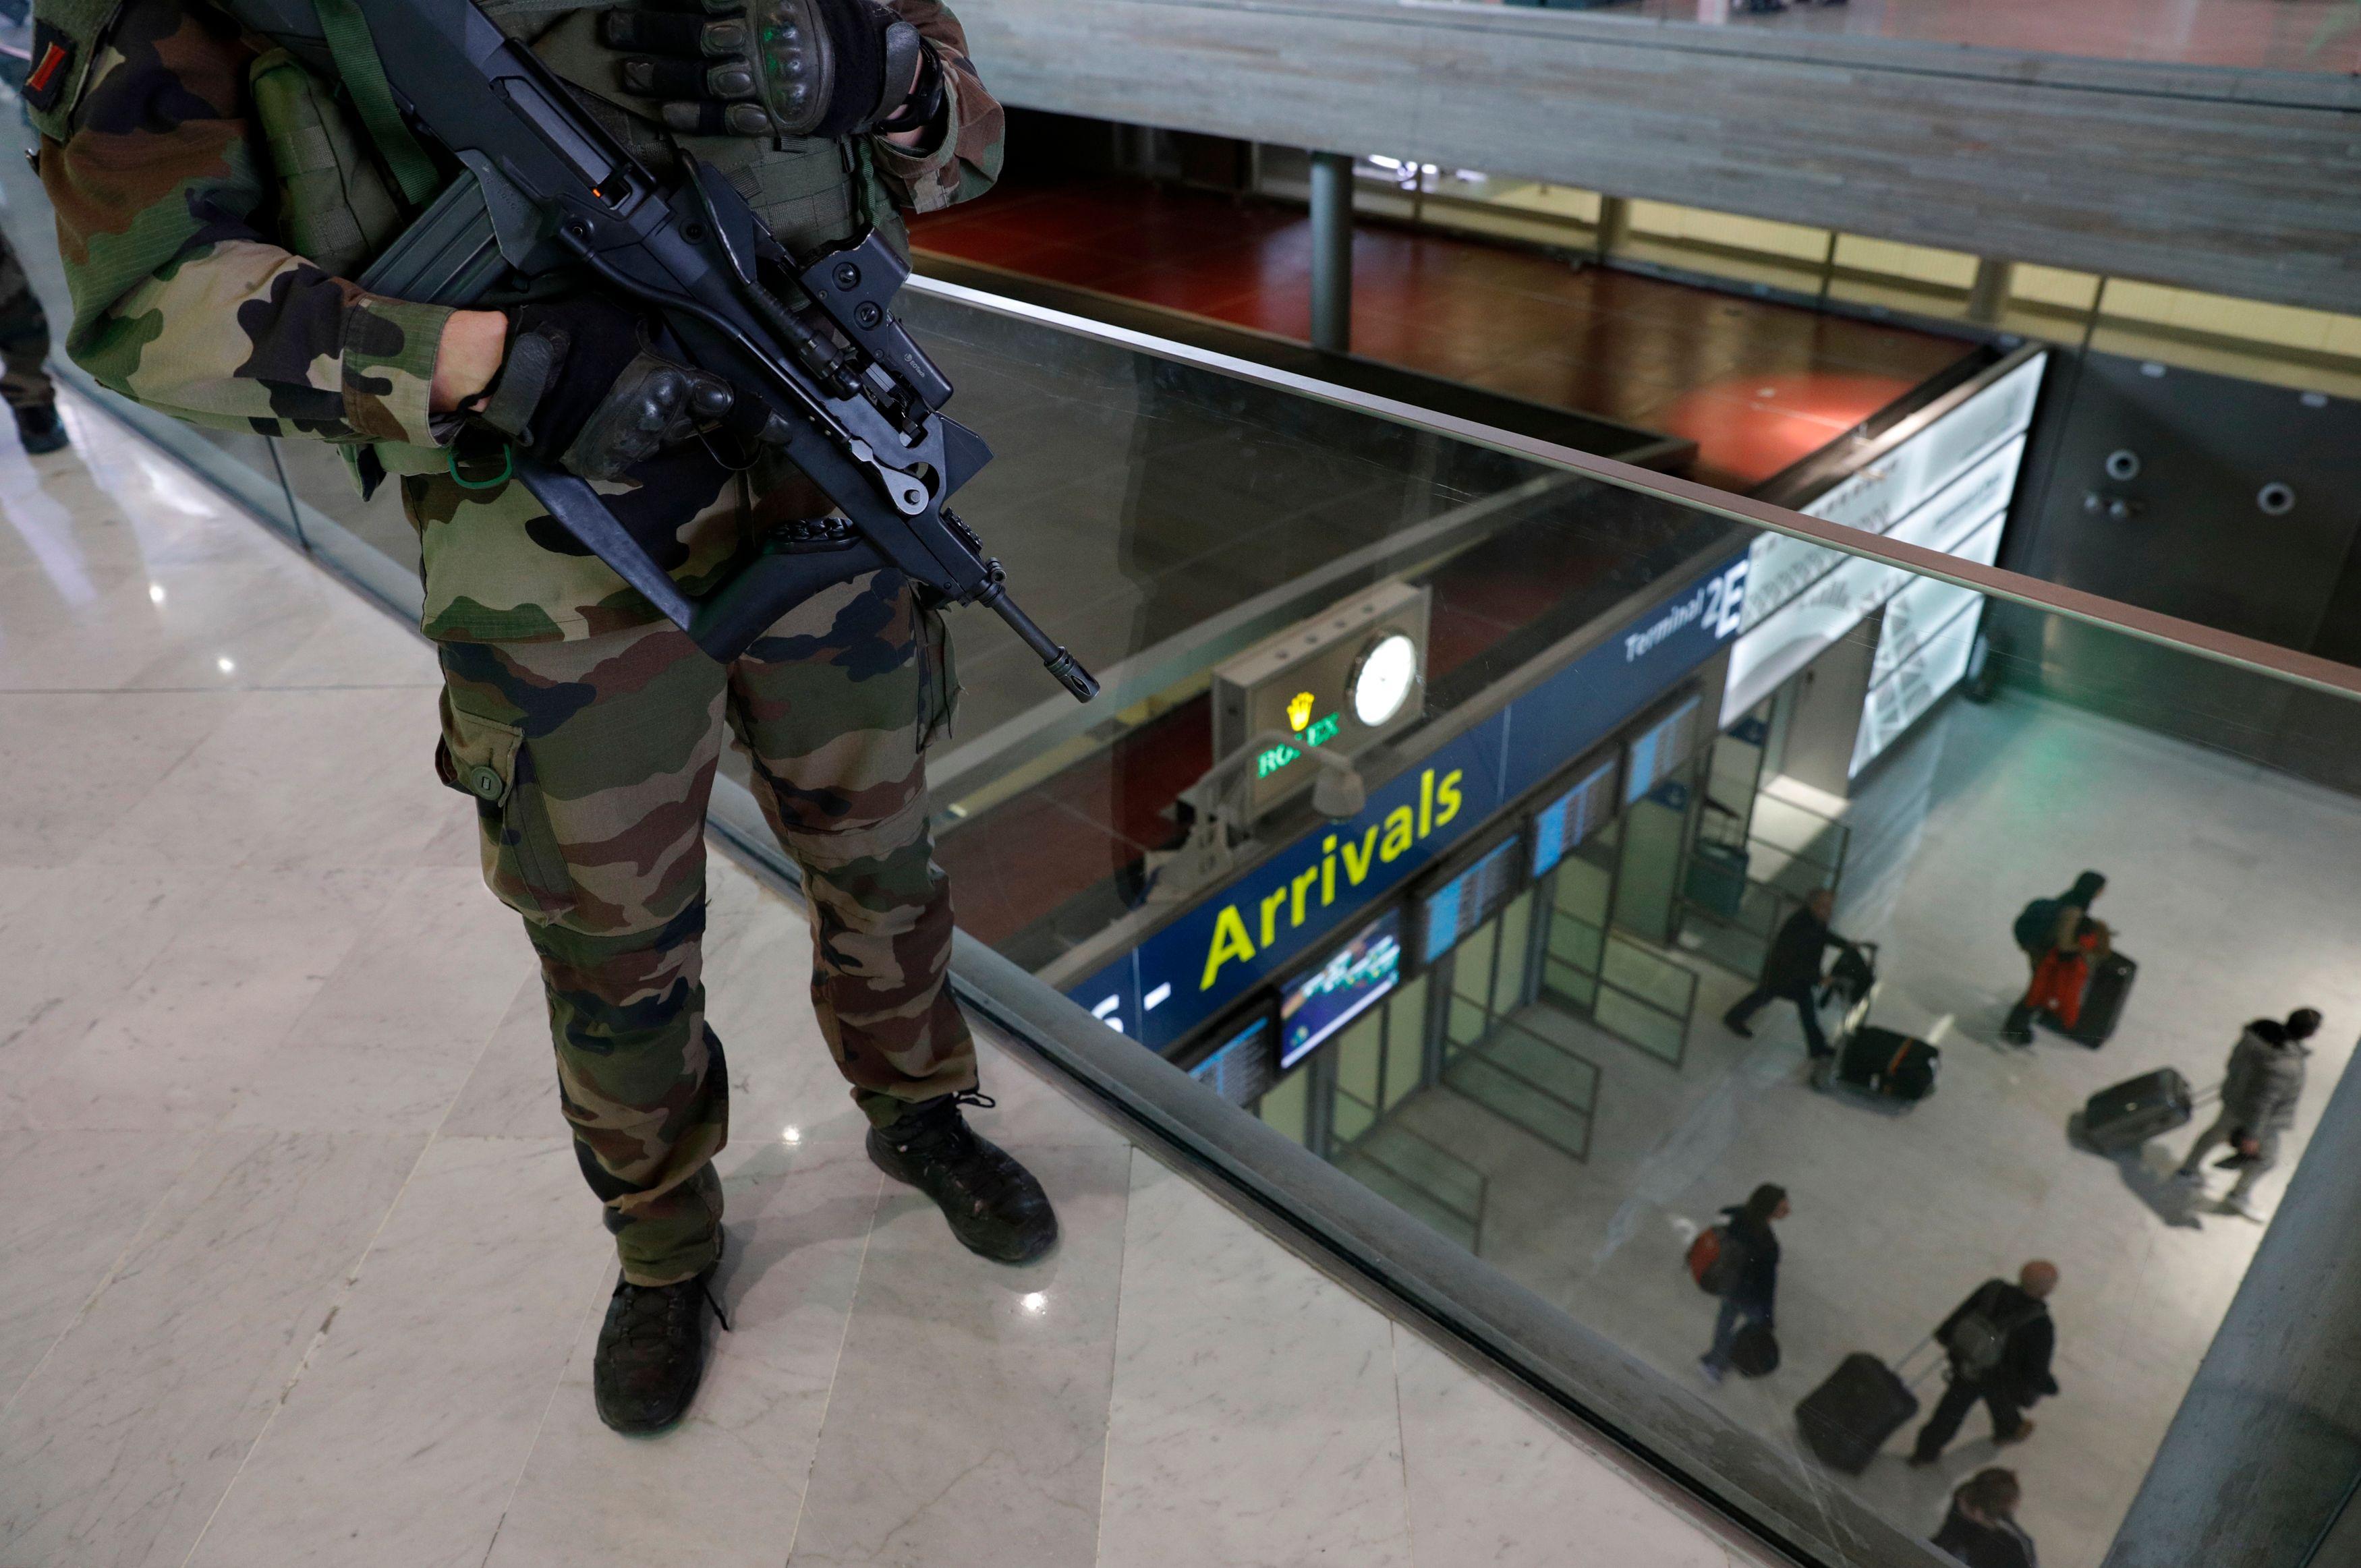 Si le sentiment d'insécurité à très légèrement baissé, la préoccupation des français pour le terrorisme a, quant à elle, littéralement explosé au cours de la même période.